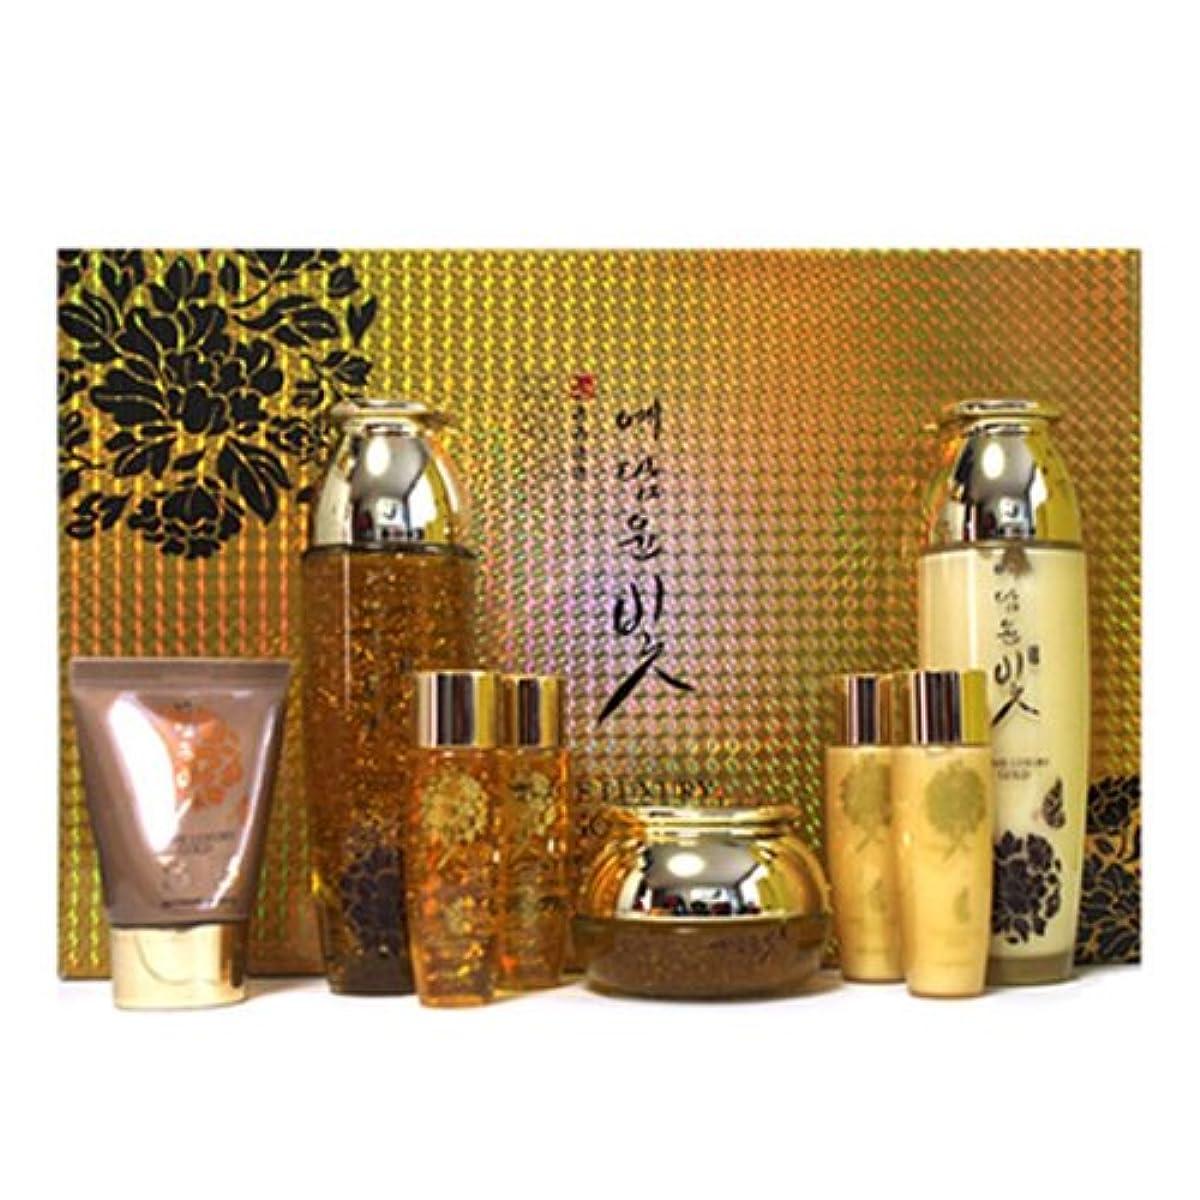 保存する初期の睡眠イェダムユンビト[韓国コスメYedam Yun Bit]Prime Luxury Gold Skin Care Set プライムラグジュアリーゴールドスキンケア4セット 樹液 乳液 クリーム/ BBクリーム [並行輸入品]